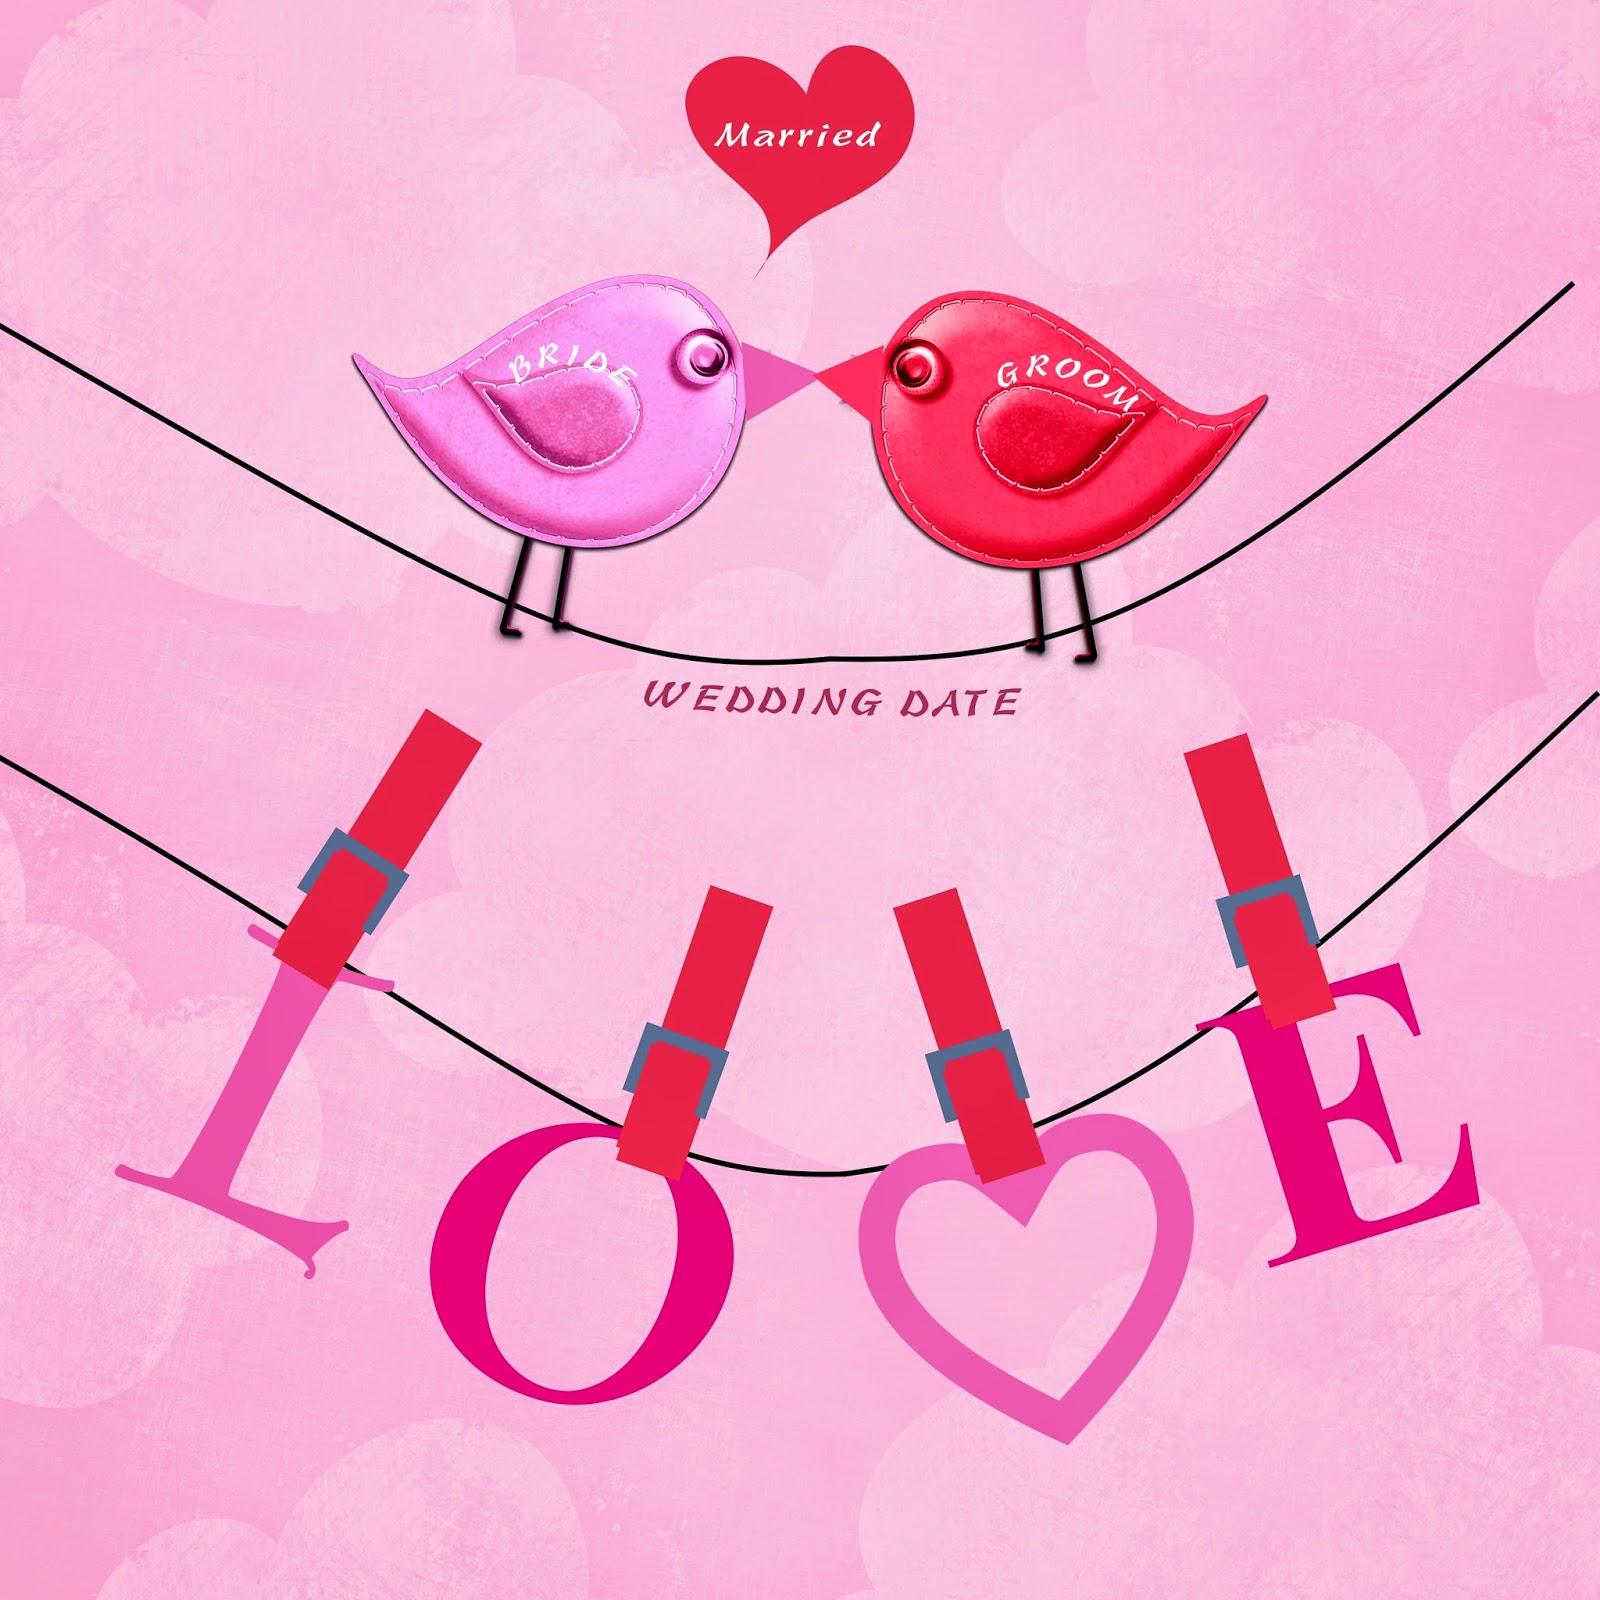 http://3.bp.blogspot.com/-WQuc_xaB5AU/VMEBk0Y27ZI/AAAAAAAAD3Y/9oa9Yiv0DLE/s1600/valentine-003.jpg